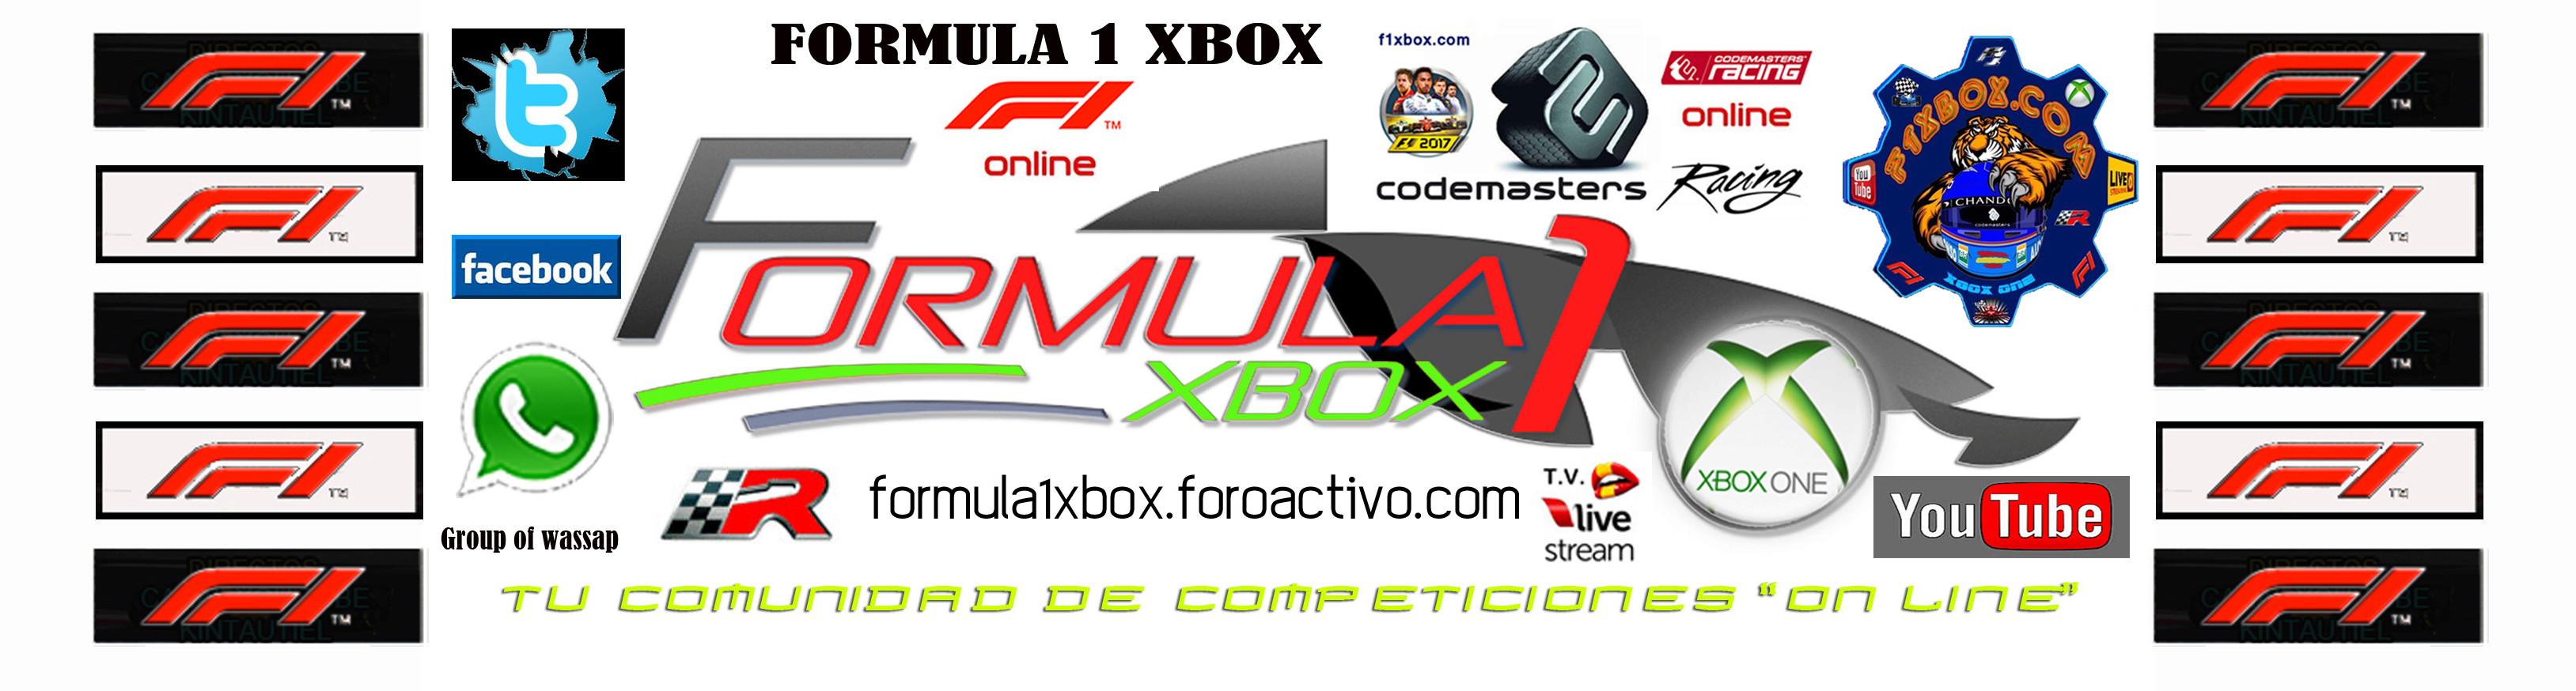 F1 2017 - XBOX ONE / CAMPEONATO CAZAFANTASMAS 5.0 - F1 XBOX / CONFIRMACIÓN DE ASISTENCIA AL GRAN PREMIO DE  AUSTRALIA / VIERNES 03 - 08 - 2018 A LAS 22:30 HORAS. Portad49